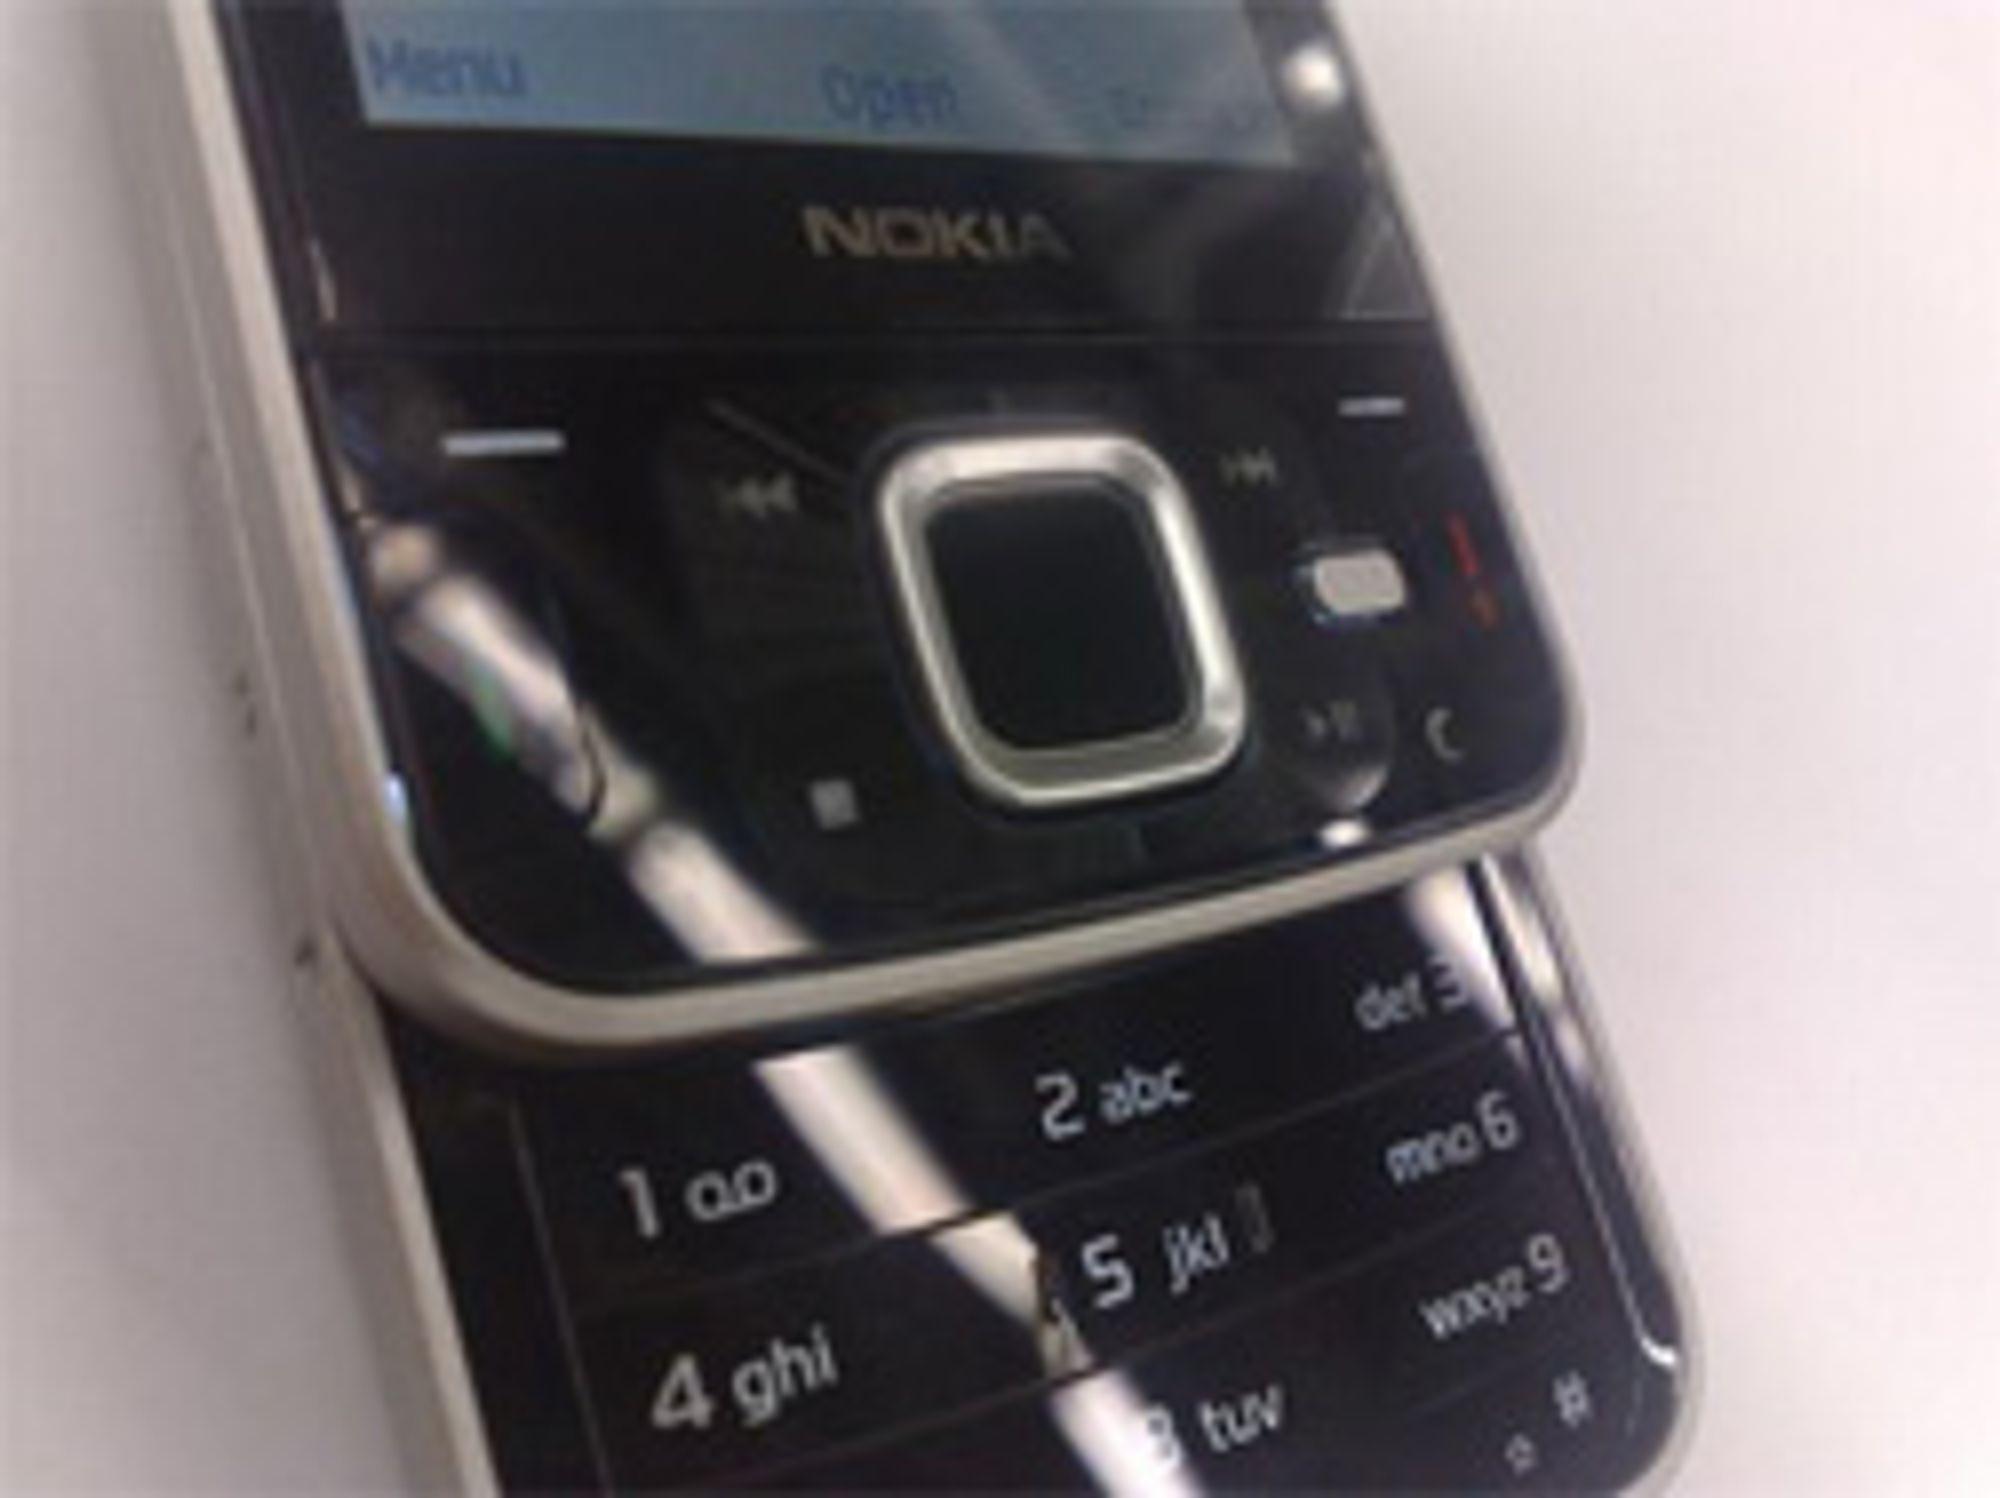 Tastene til det som skal være N96 likner på tastene til N81.